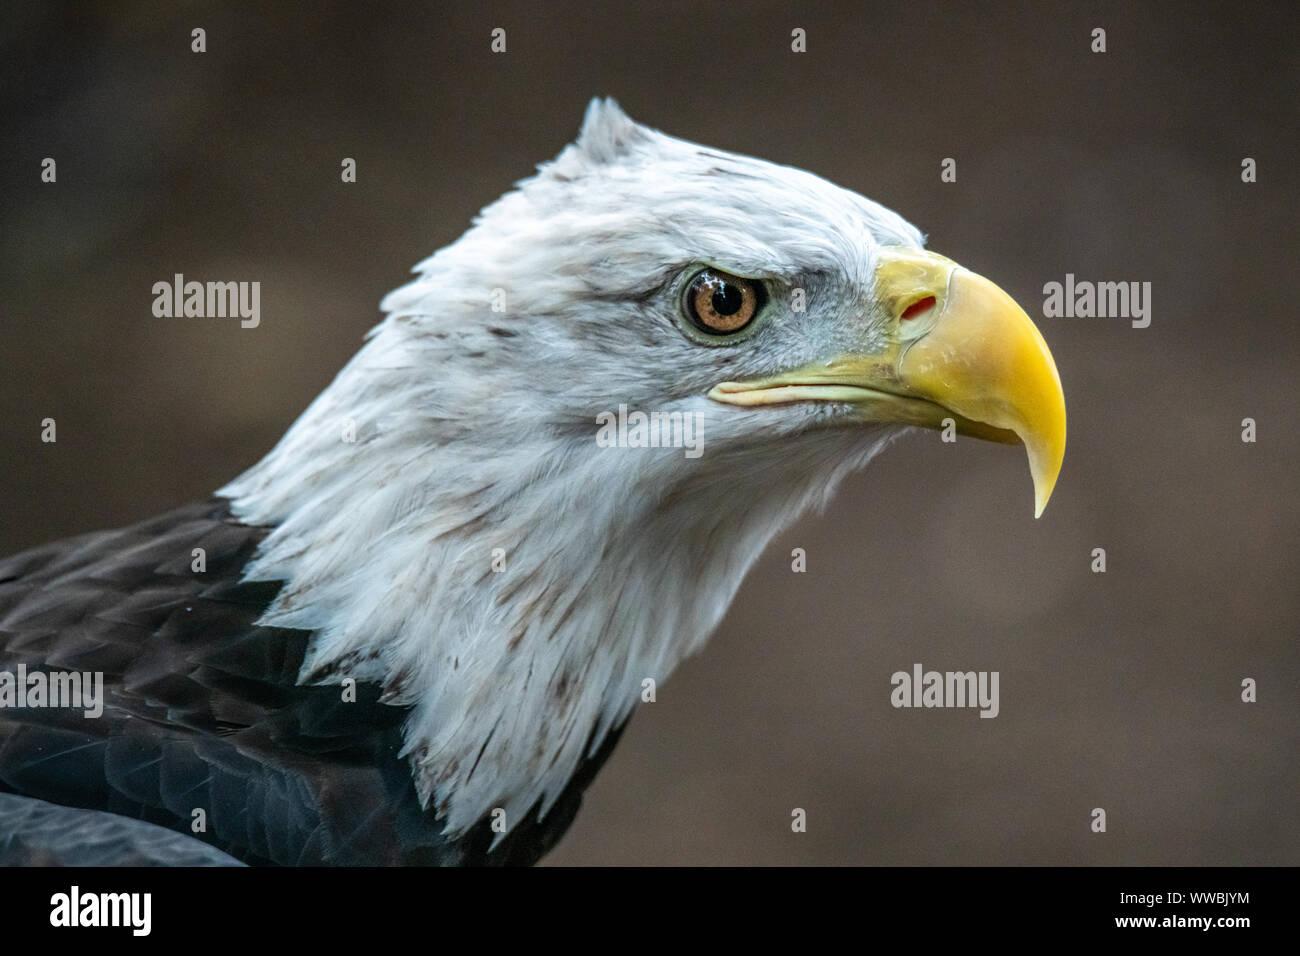 Nueva York, Estados Unidos, 14 de septiembre de 2019. Un águila calva (Haliaeetus leucocephalus) aparece en el Raptor Fest evento anual organizado por el CIT de Nueva York Foto de stock